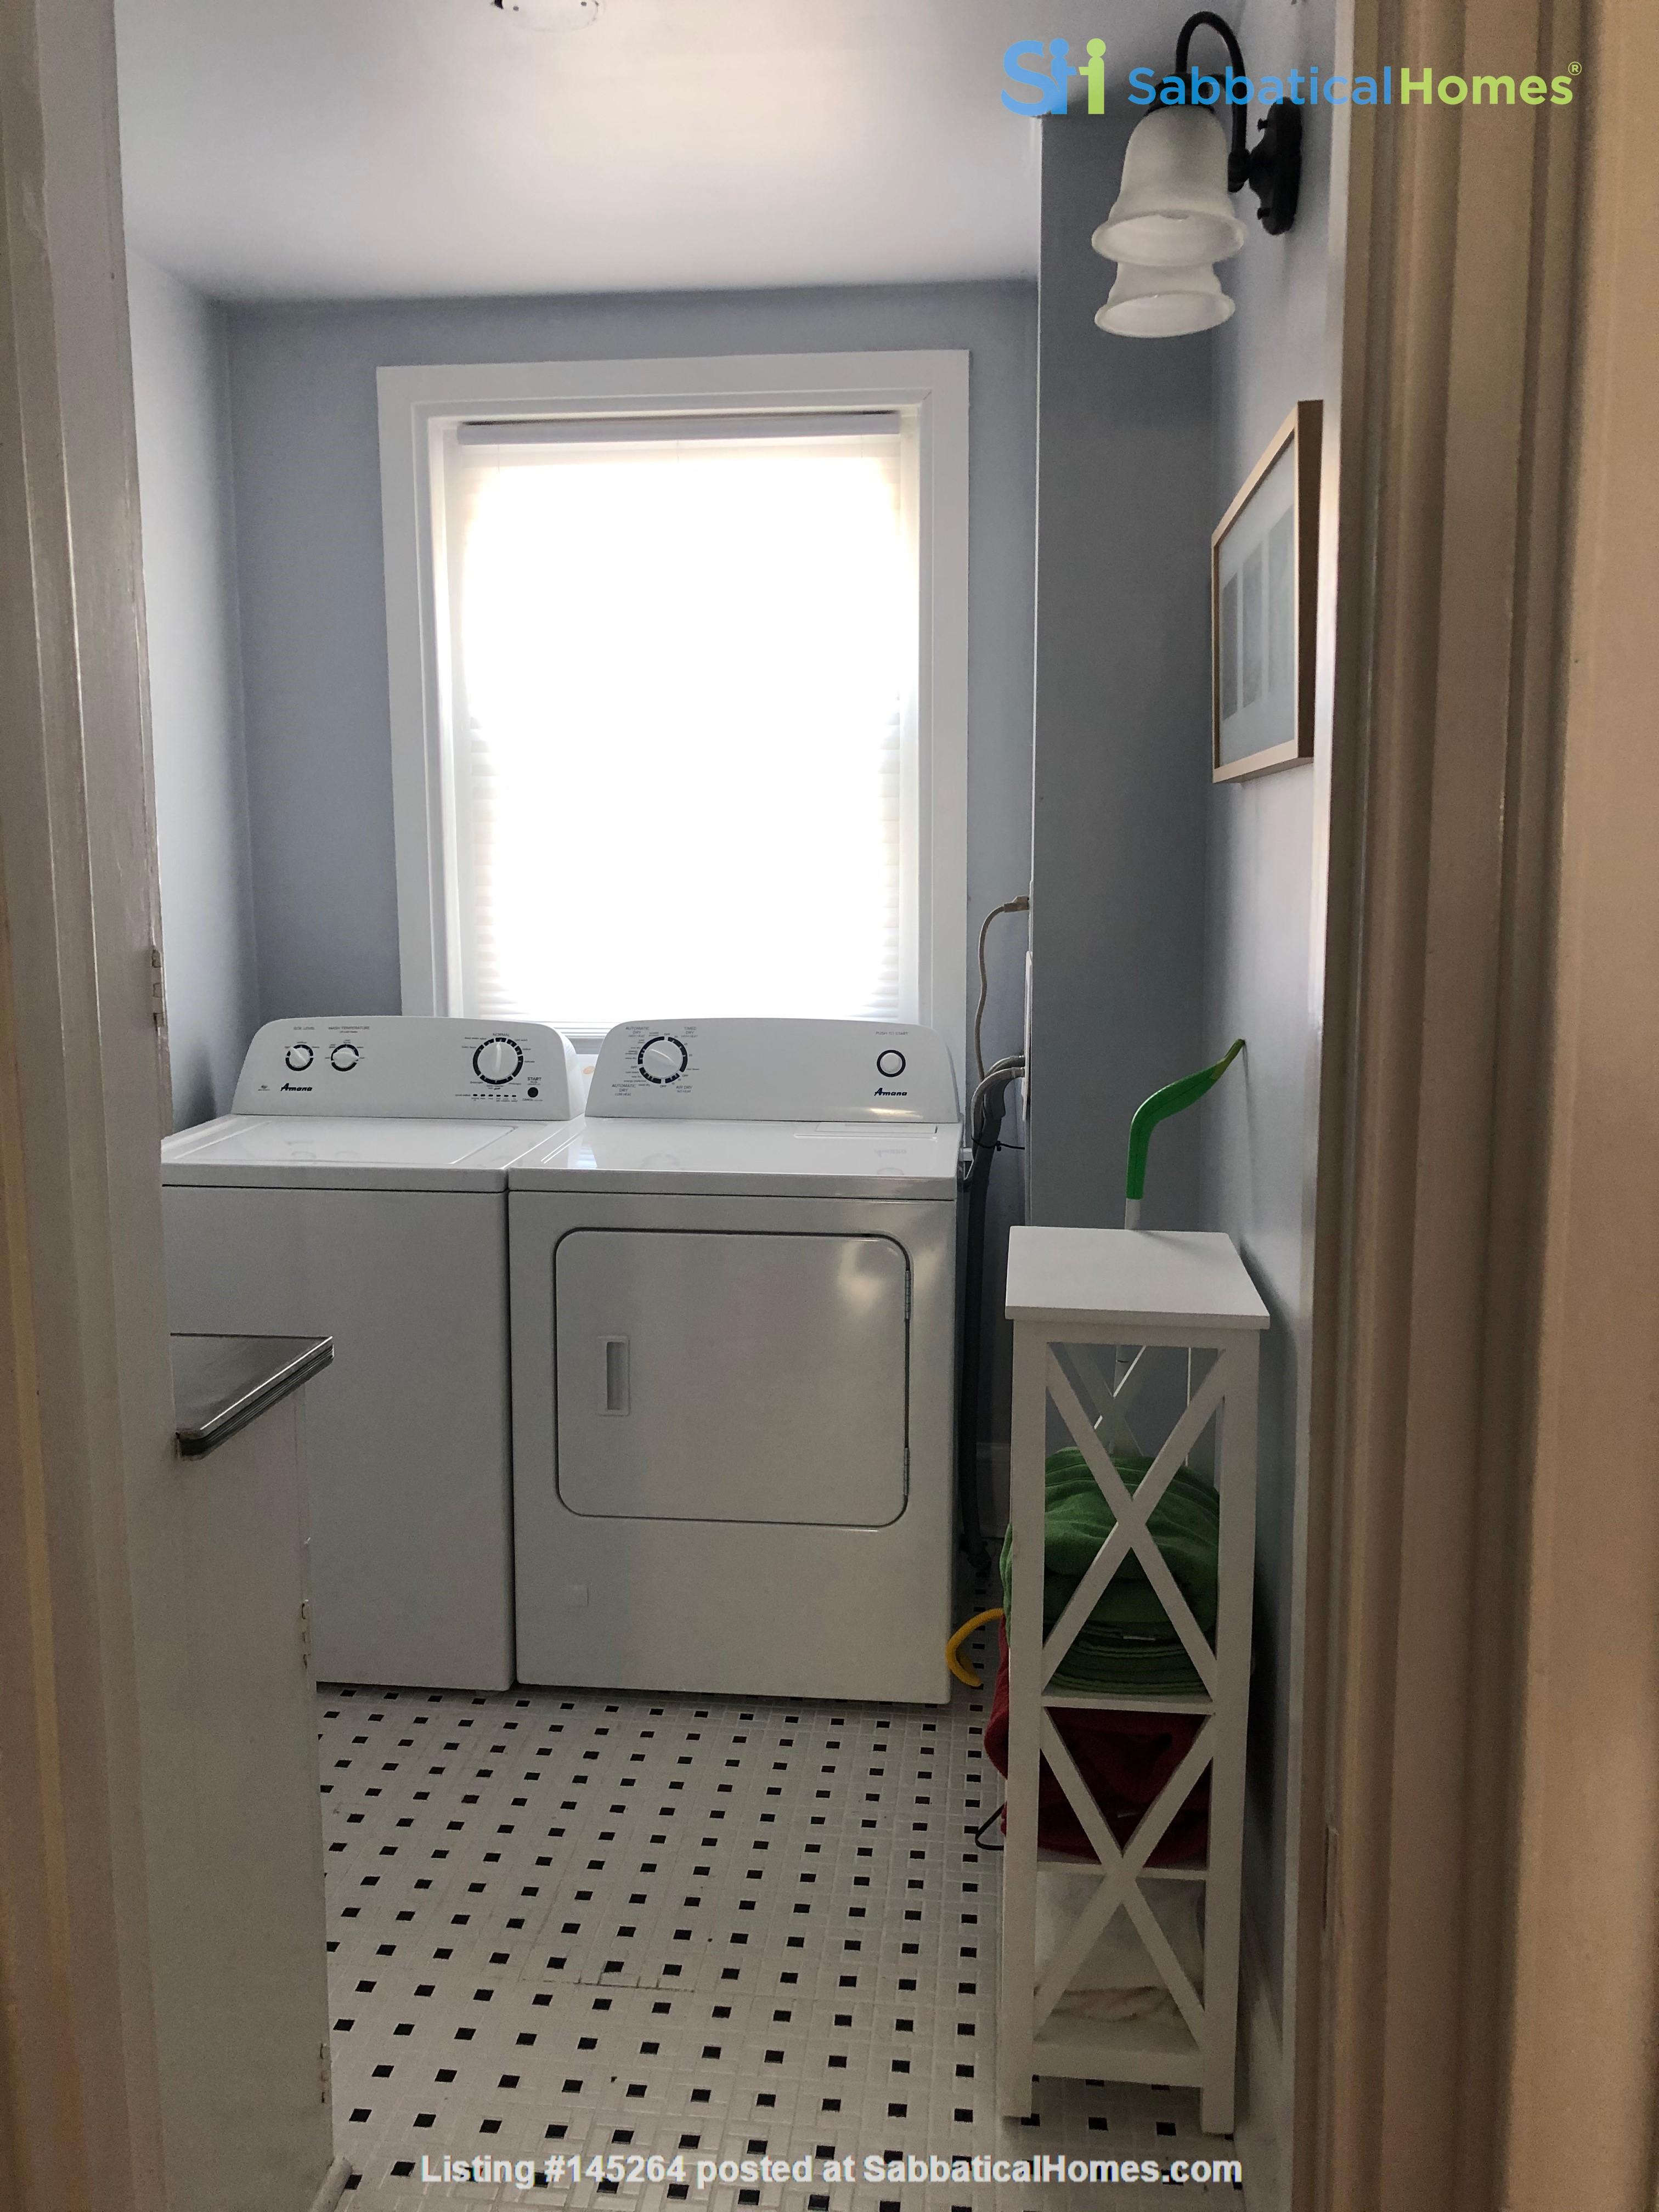 3 beds / 1 bath upper duplex in Bryn Mawr, PA Home Rental in Bryn Mawr, Pennsylvania, United States 3